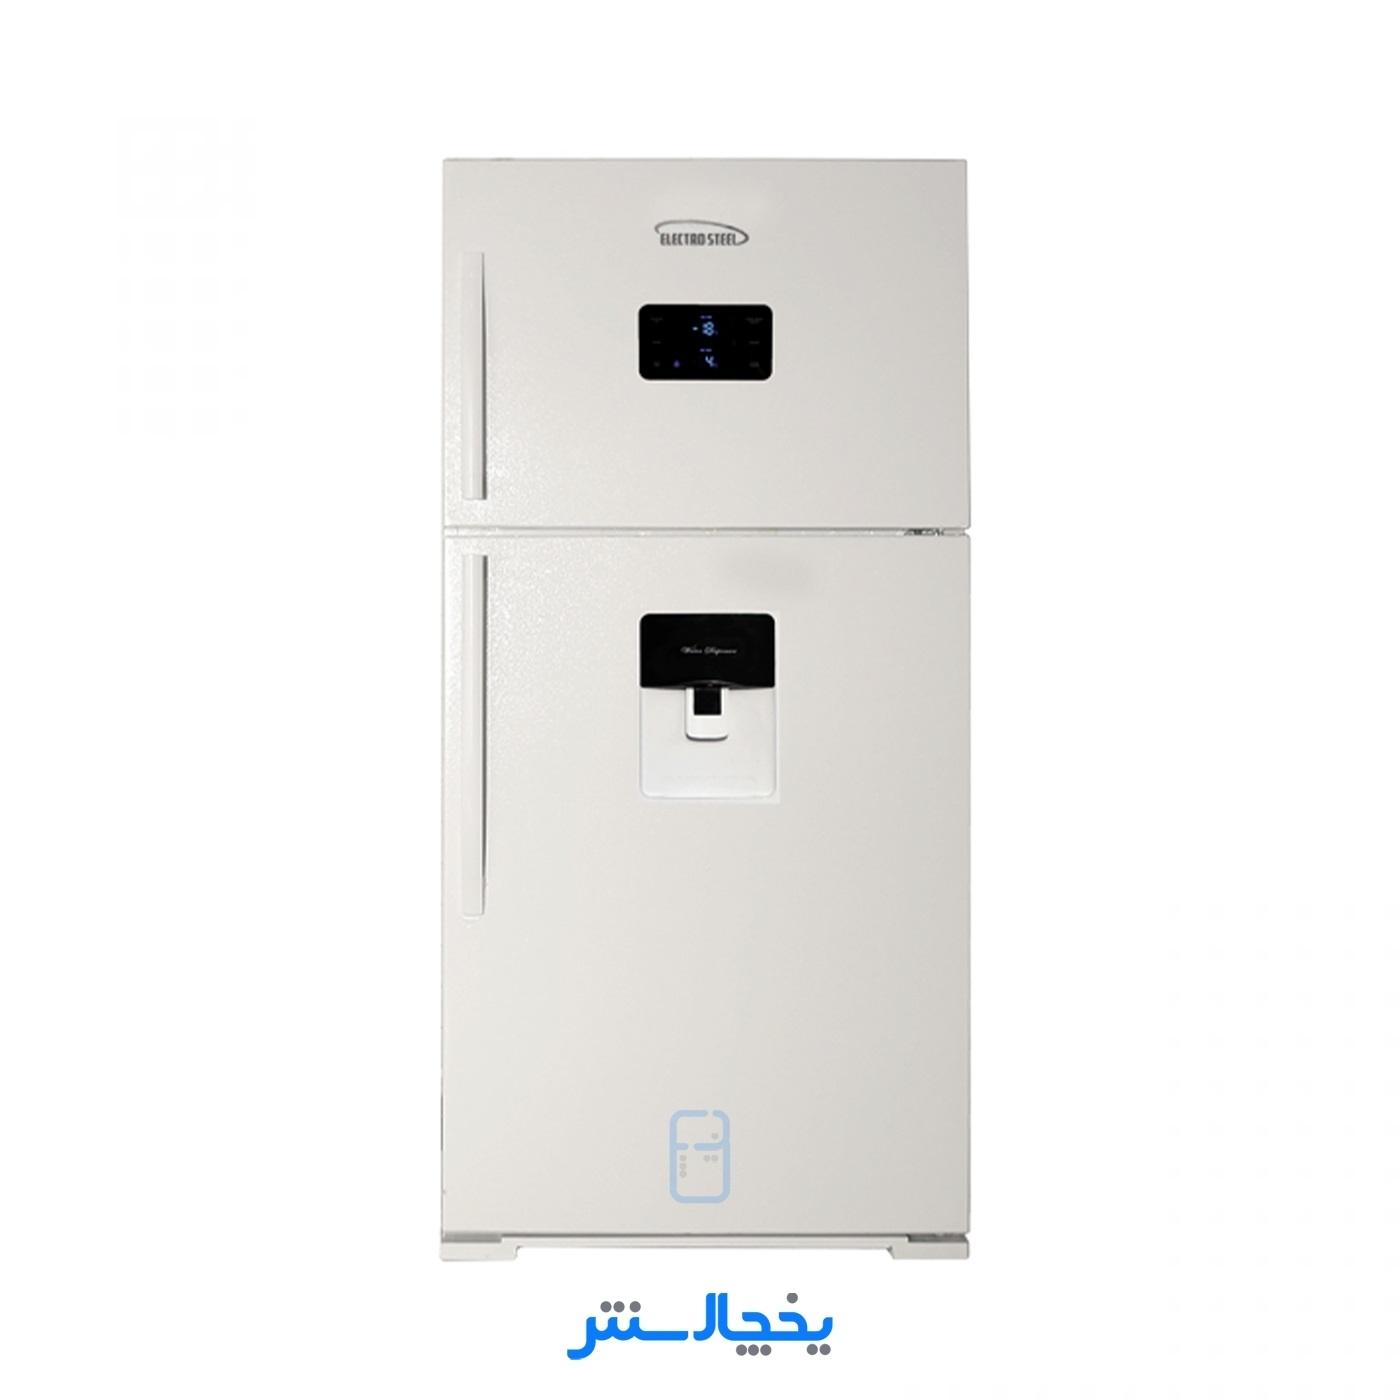 یخچال فریزر الکترواستیلیخچال فریزر الکترواستیل مدل واید ES32 سفید مدل واید ES32 سفید چرم